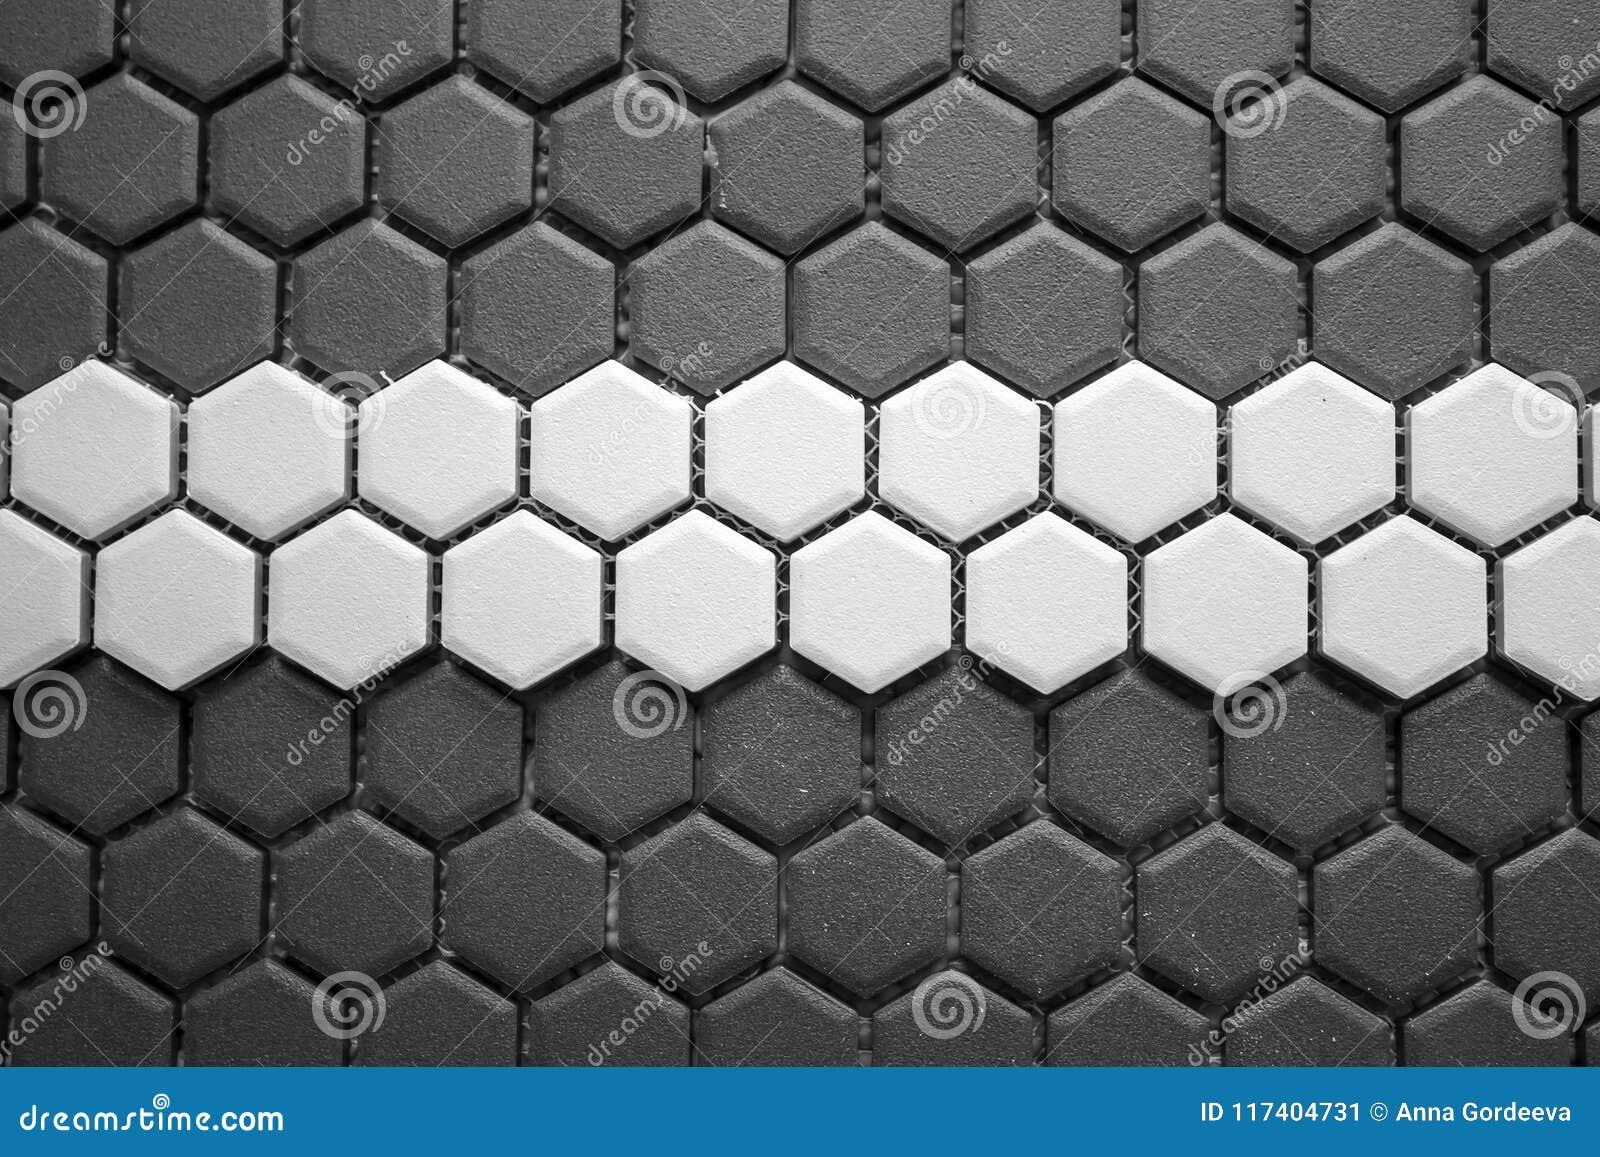 Mosaïque de carreaux de céramique faite de losanges gris avec une rayure blanche au milieu, sans jointoyer, maille-base et colle